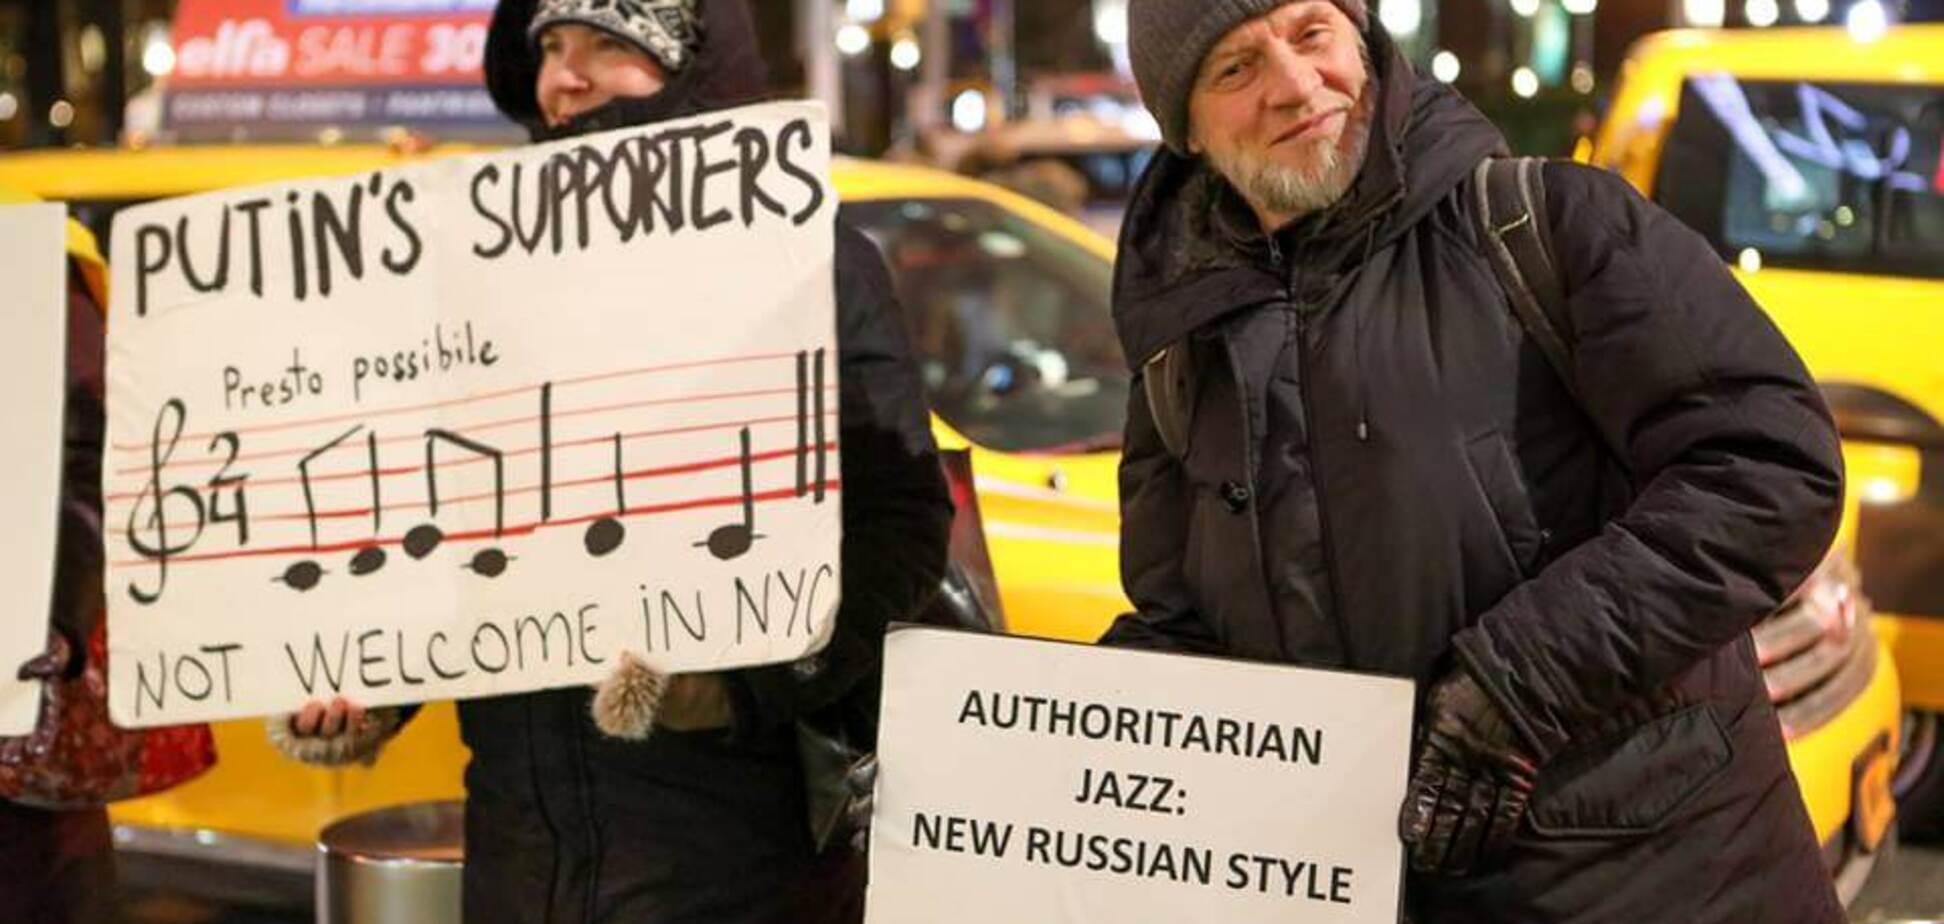 Не тільки діаспора: піаніст розповів, як в США пікетують гастролі прихильників Путіна